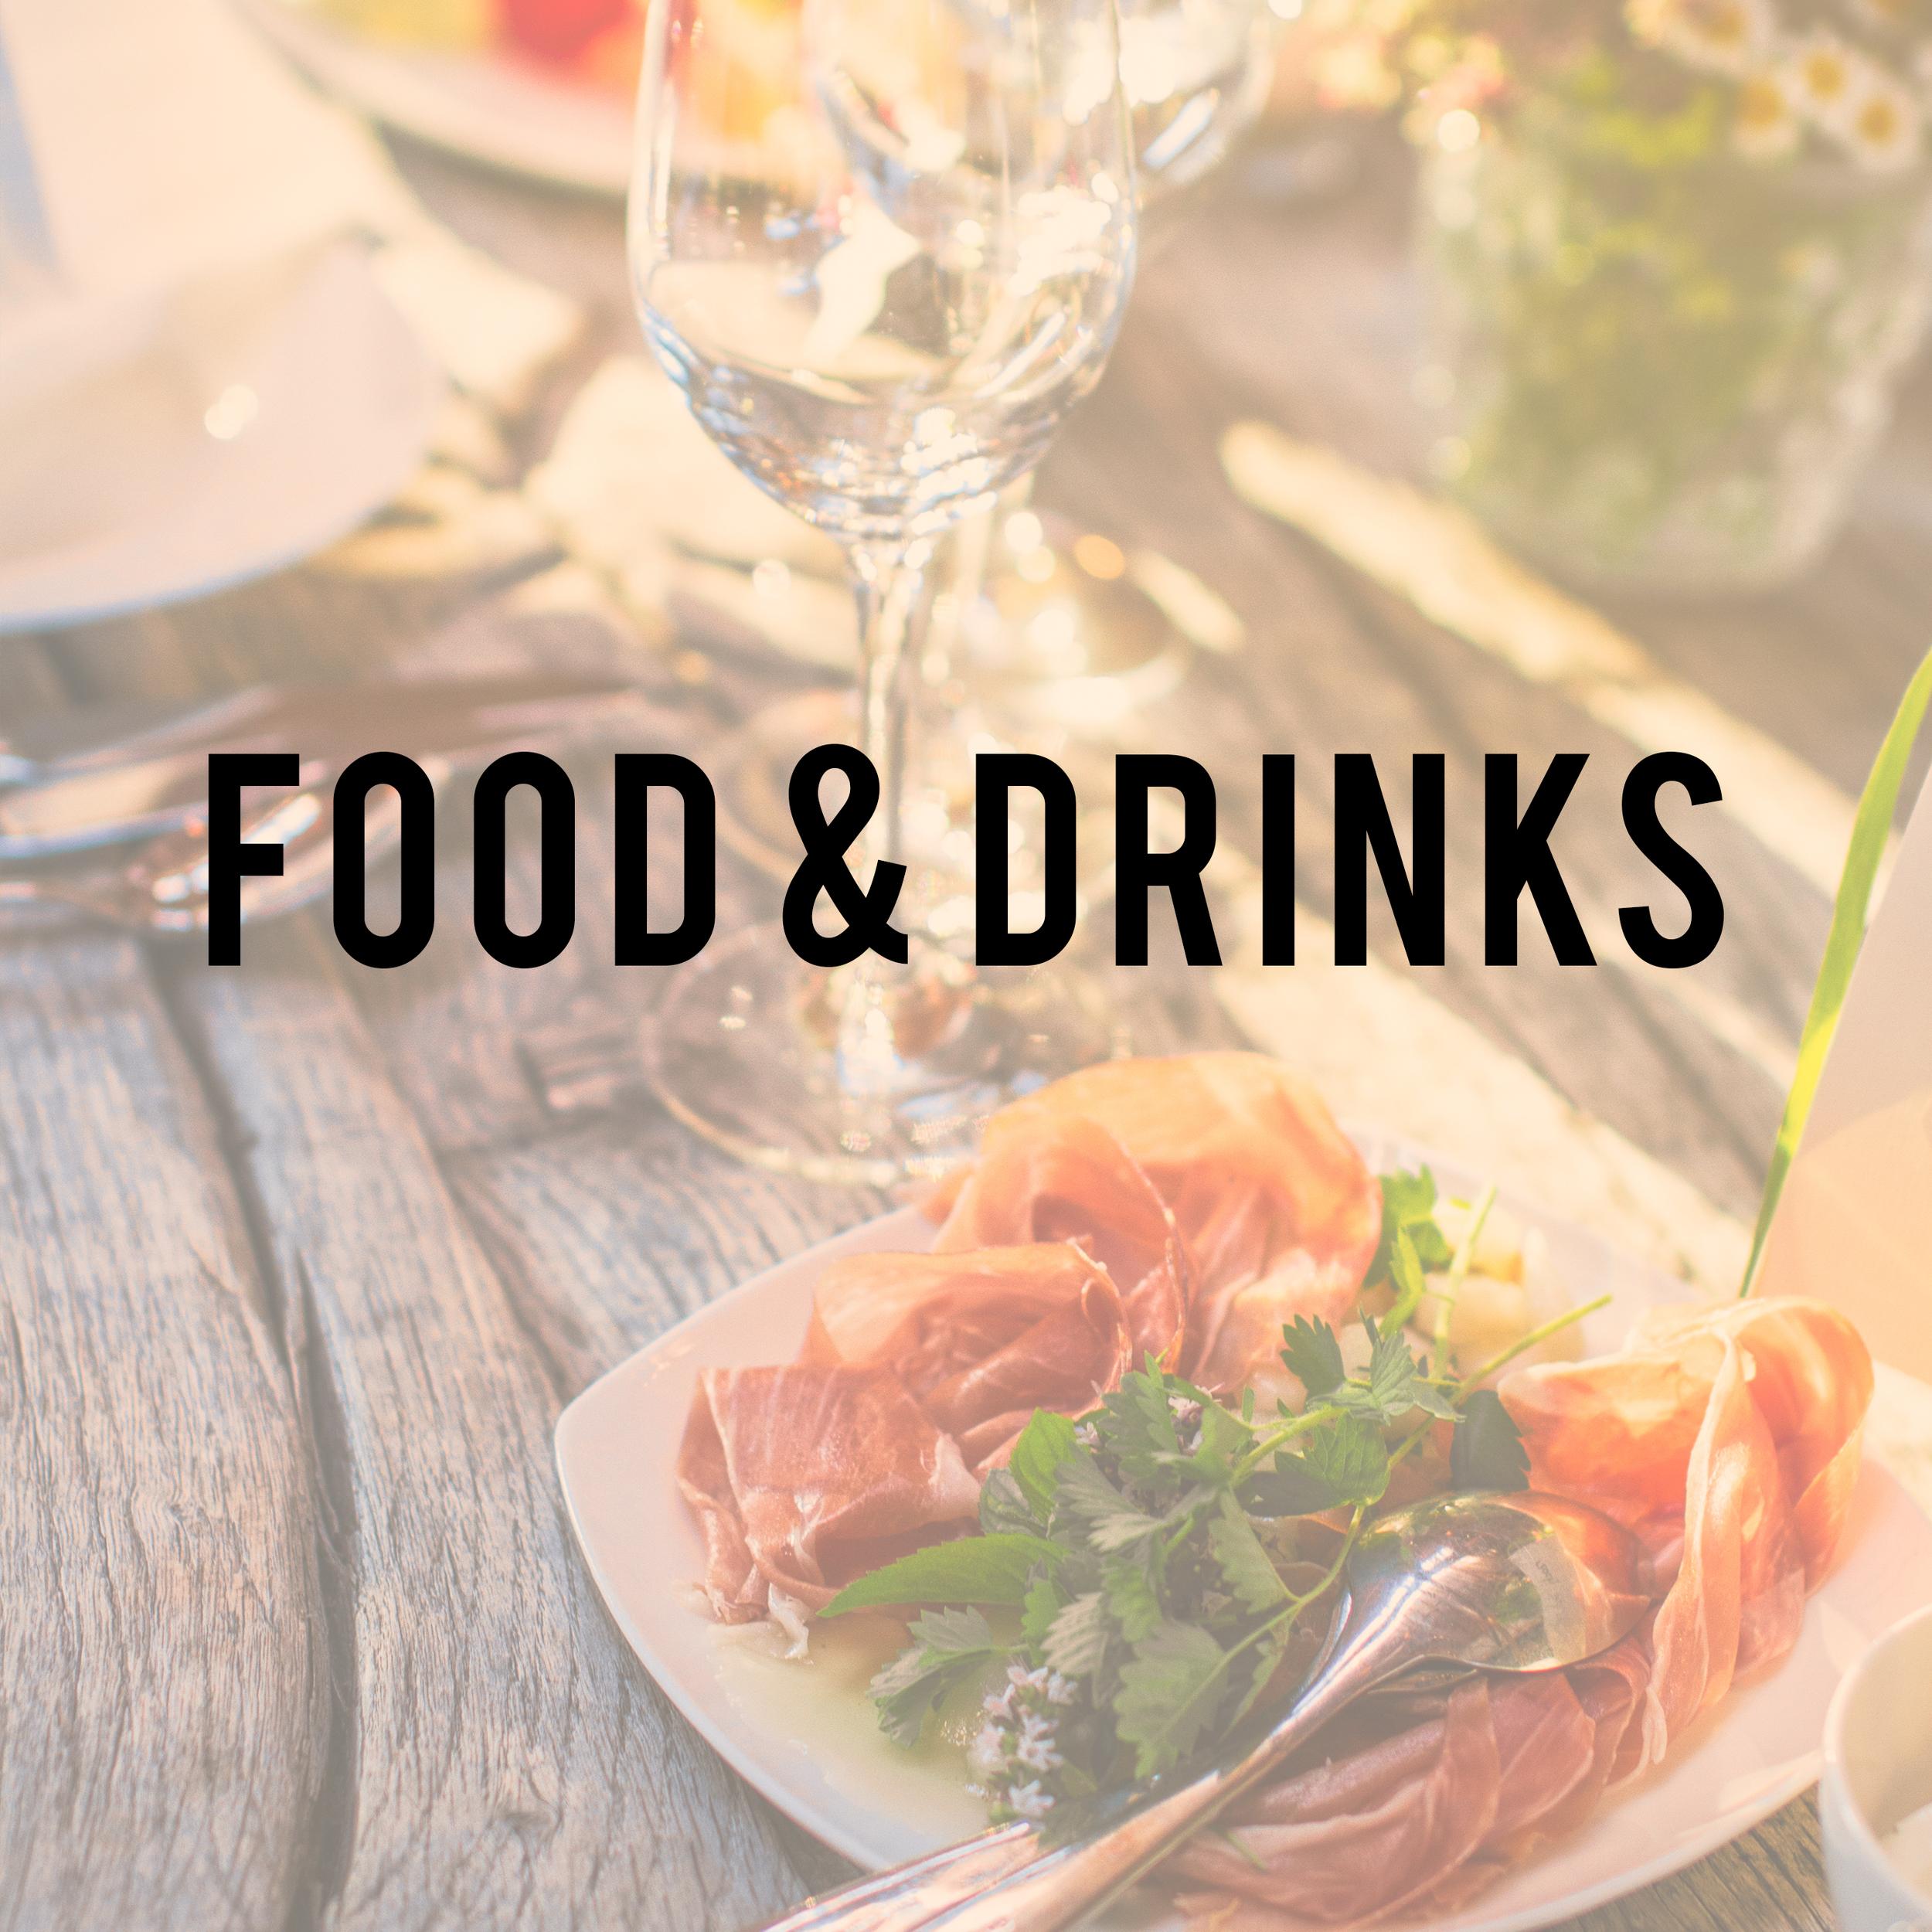 food+drinks.jpg